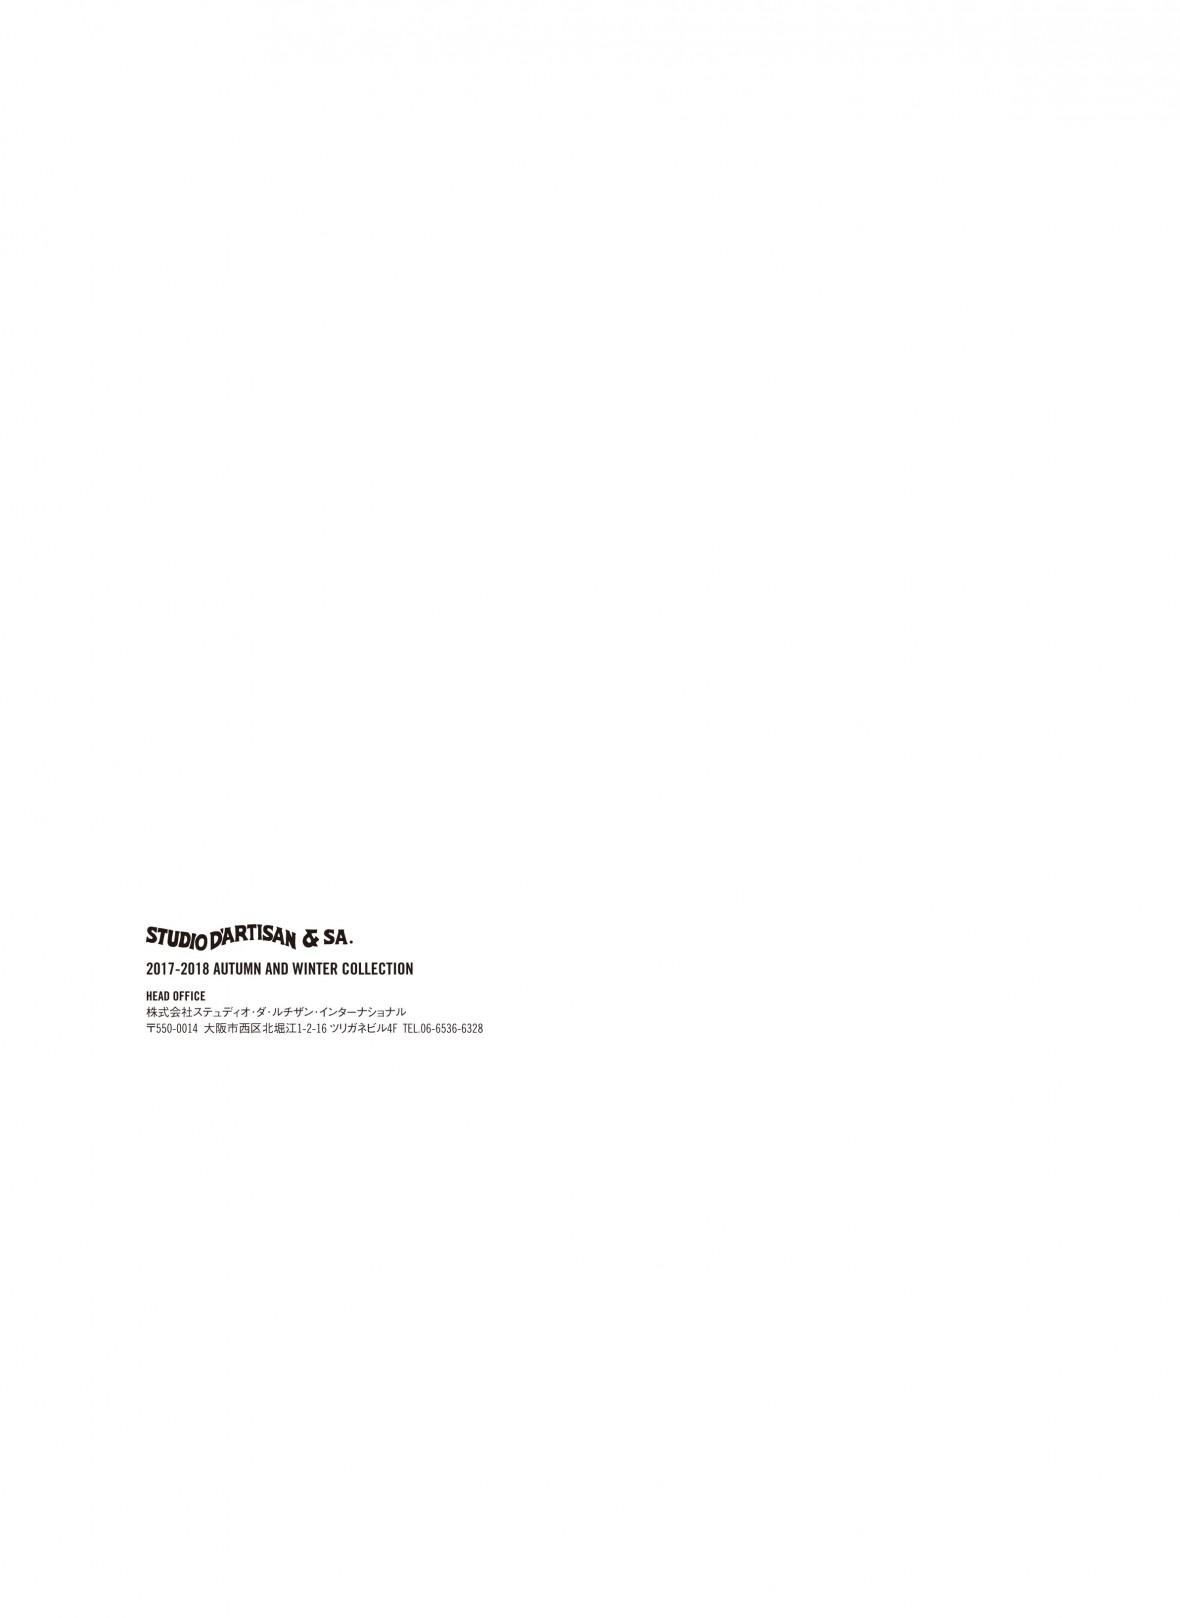 最終PDF_0912-17